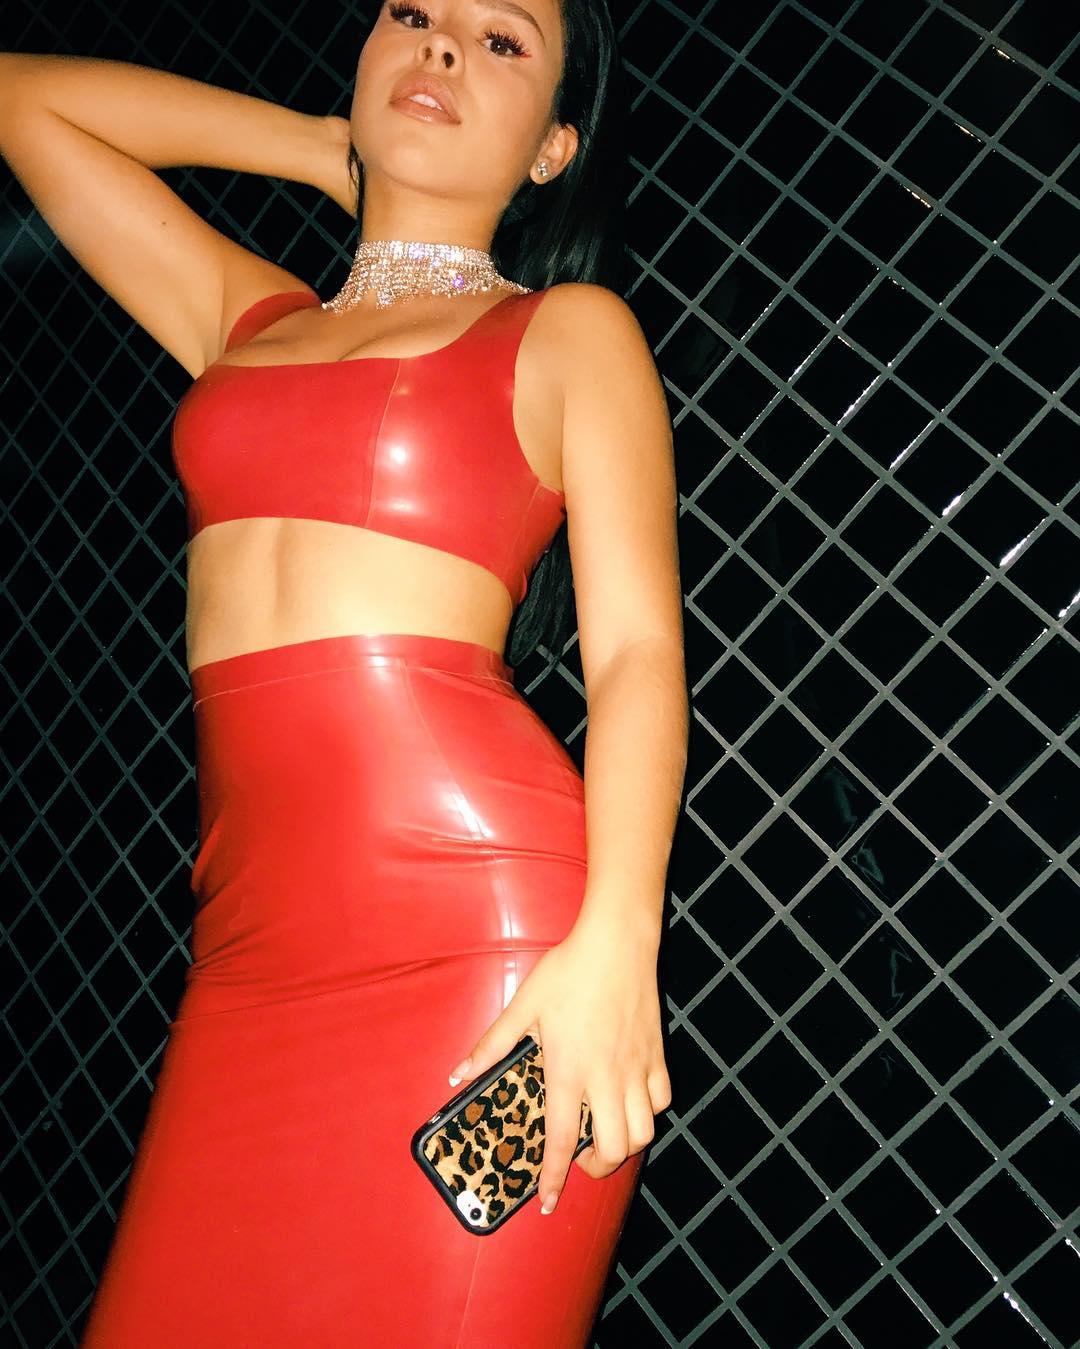 Cierra Ramirez in sexy red latex dress | NSFW Girls